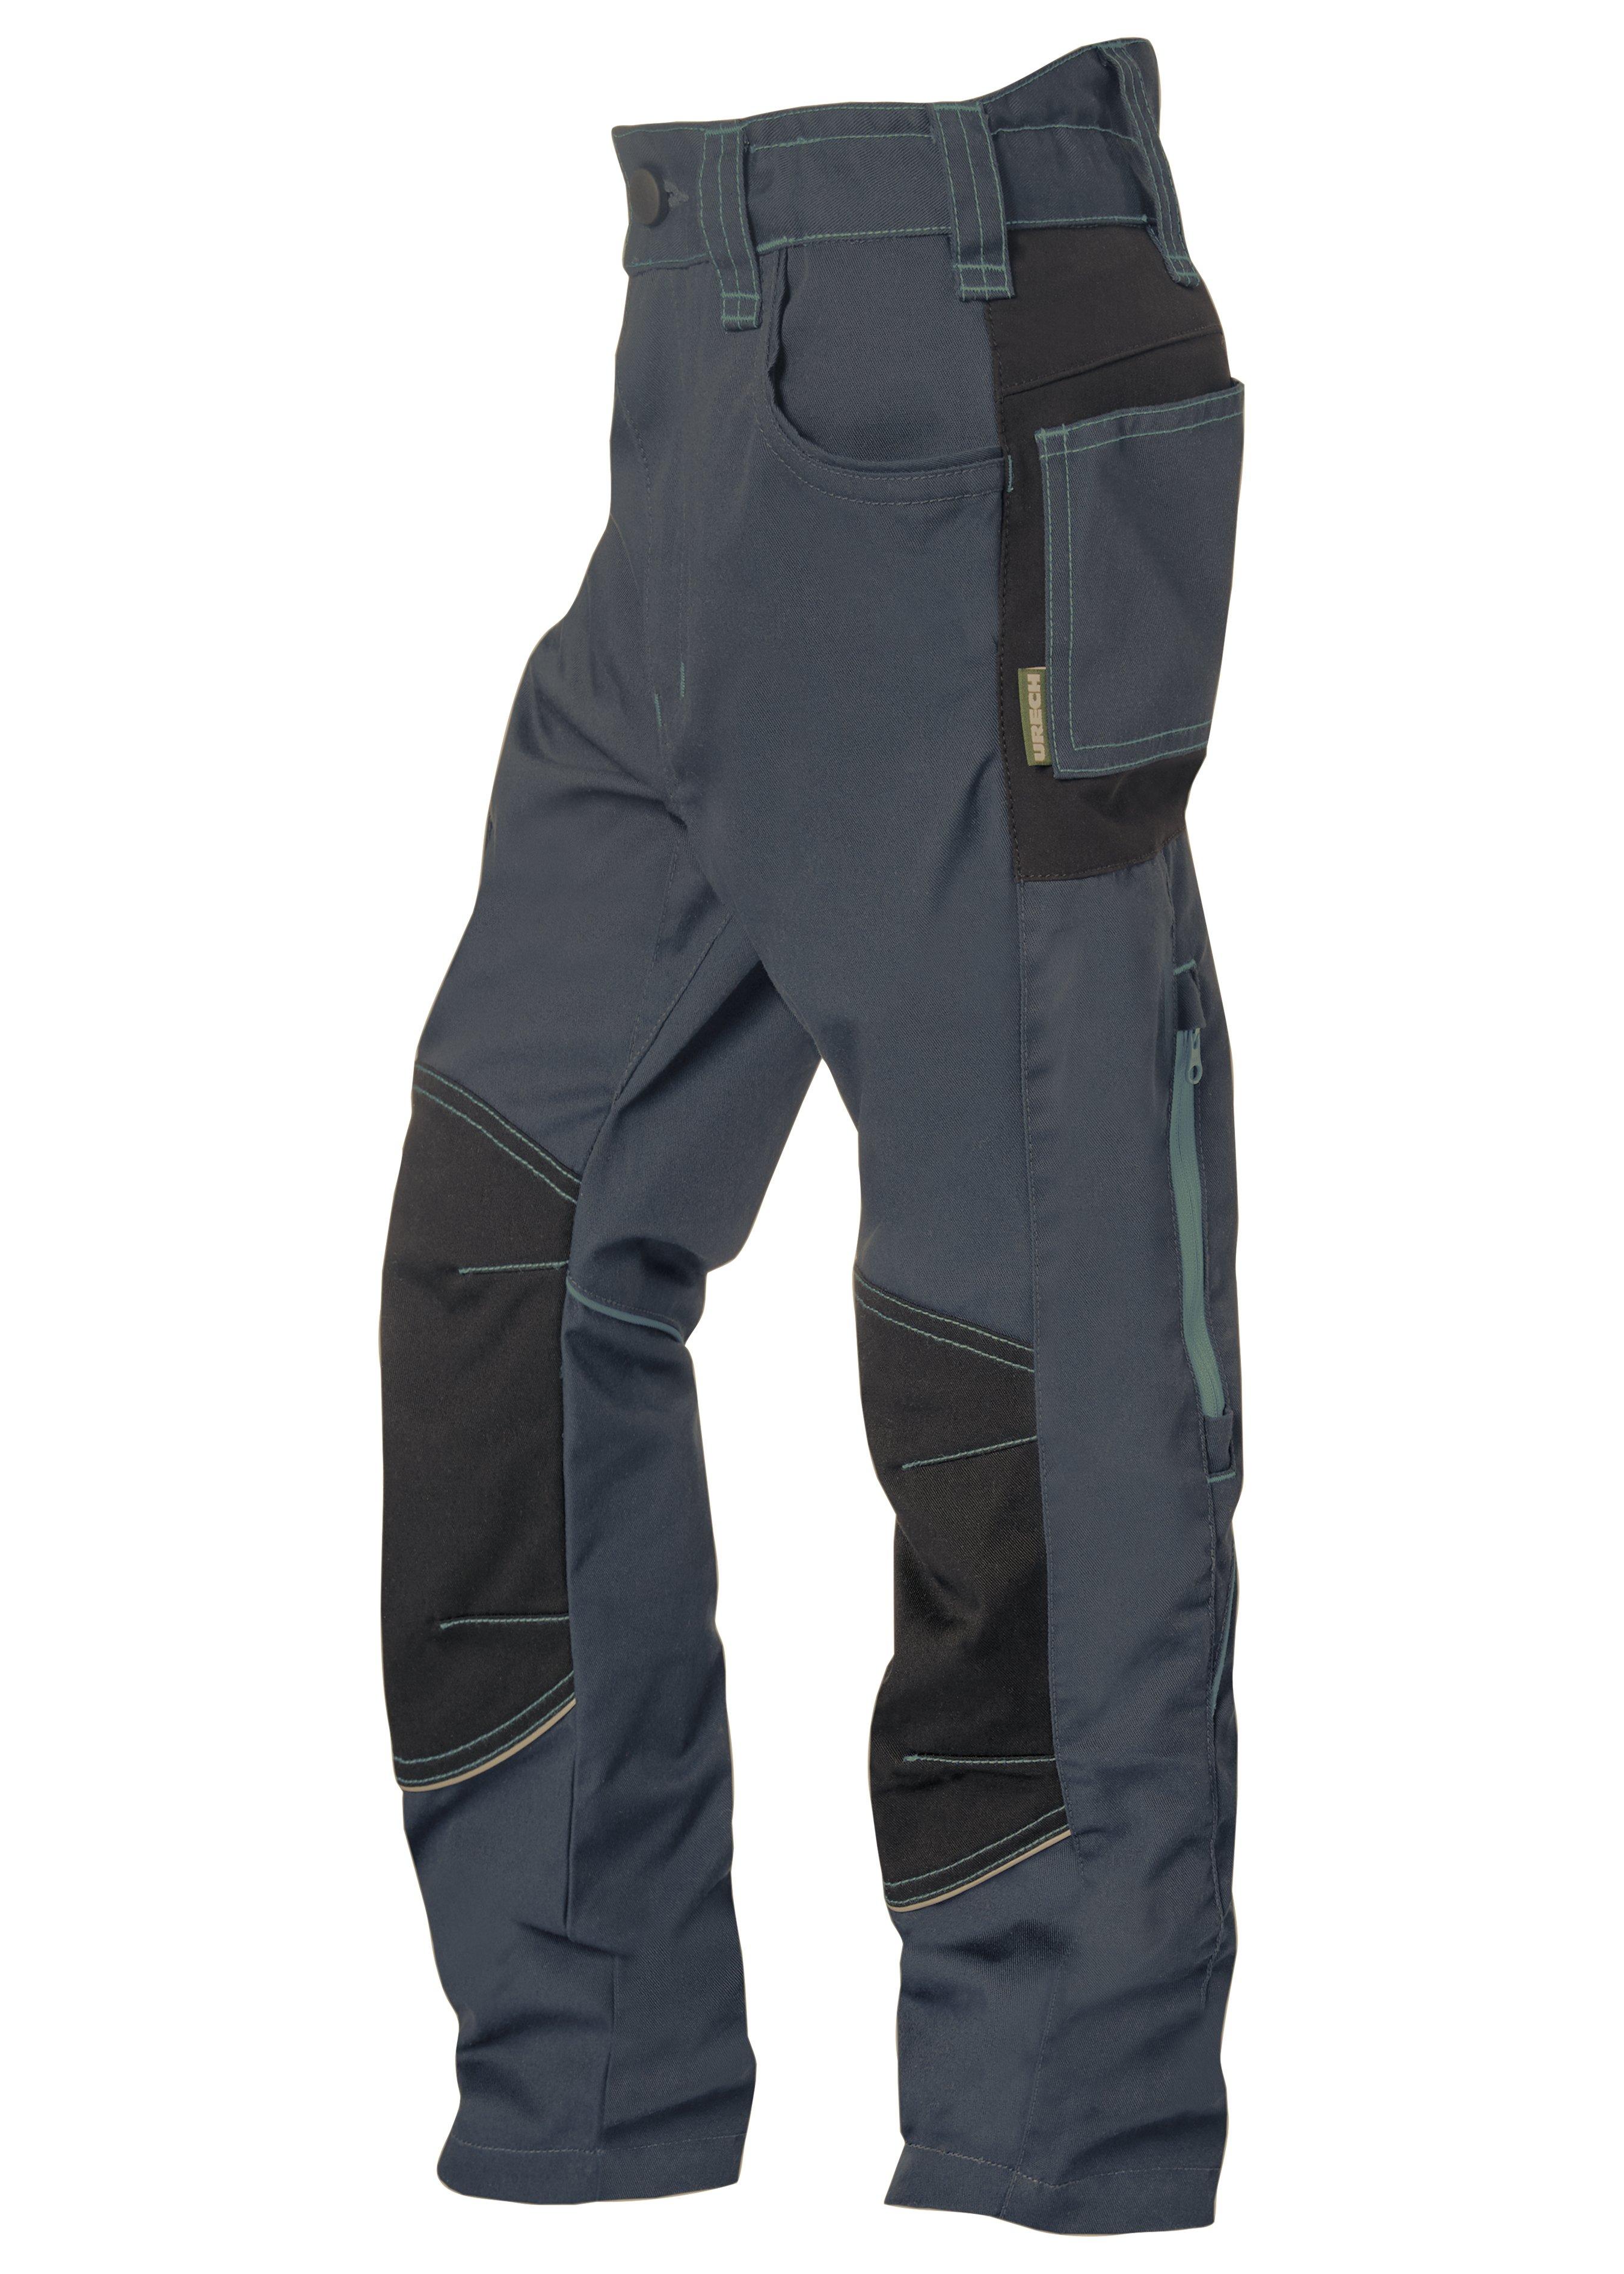 Pantalon de travail stretch pour enfants 282512170 1